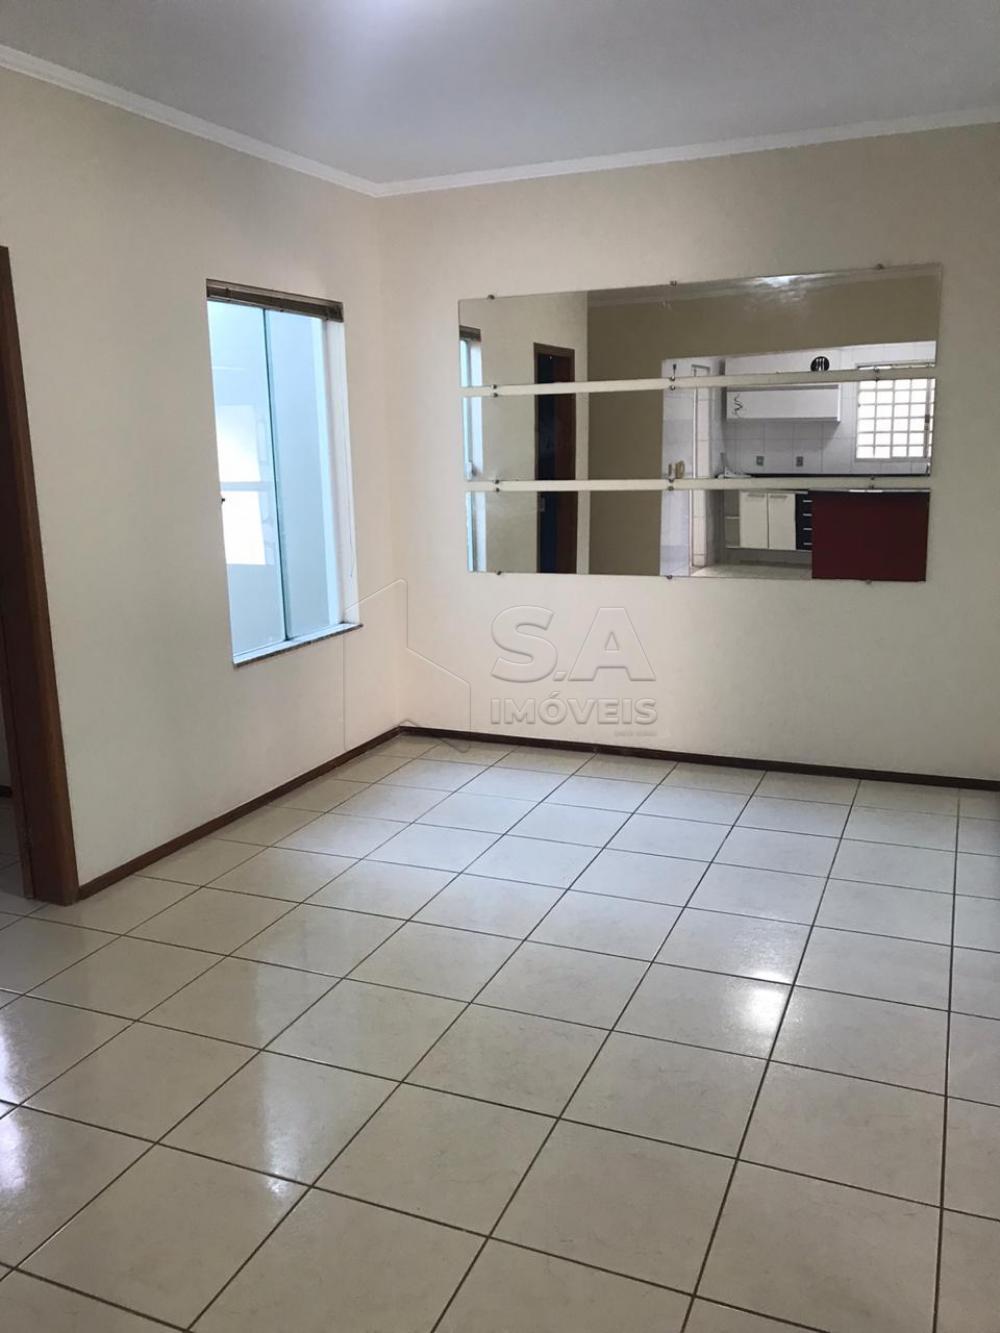 Comprar Casa / Padrão em Botucatu apenas R$ 470.000,00 - Foto 3